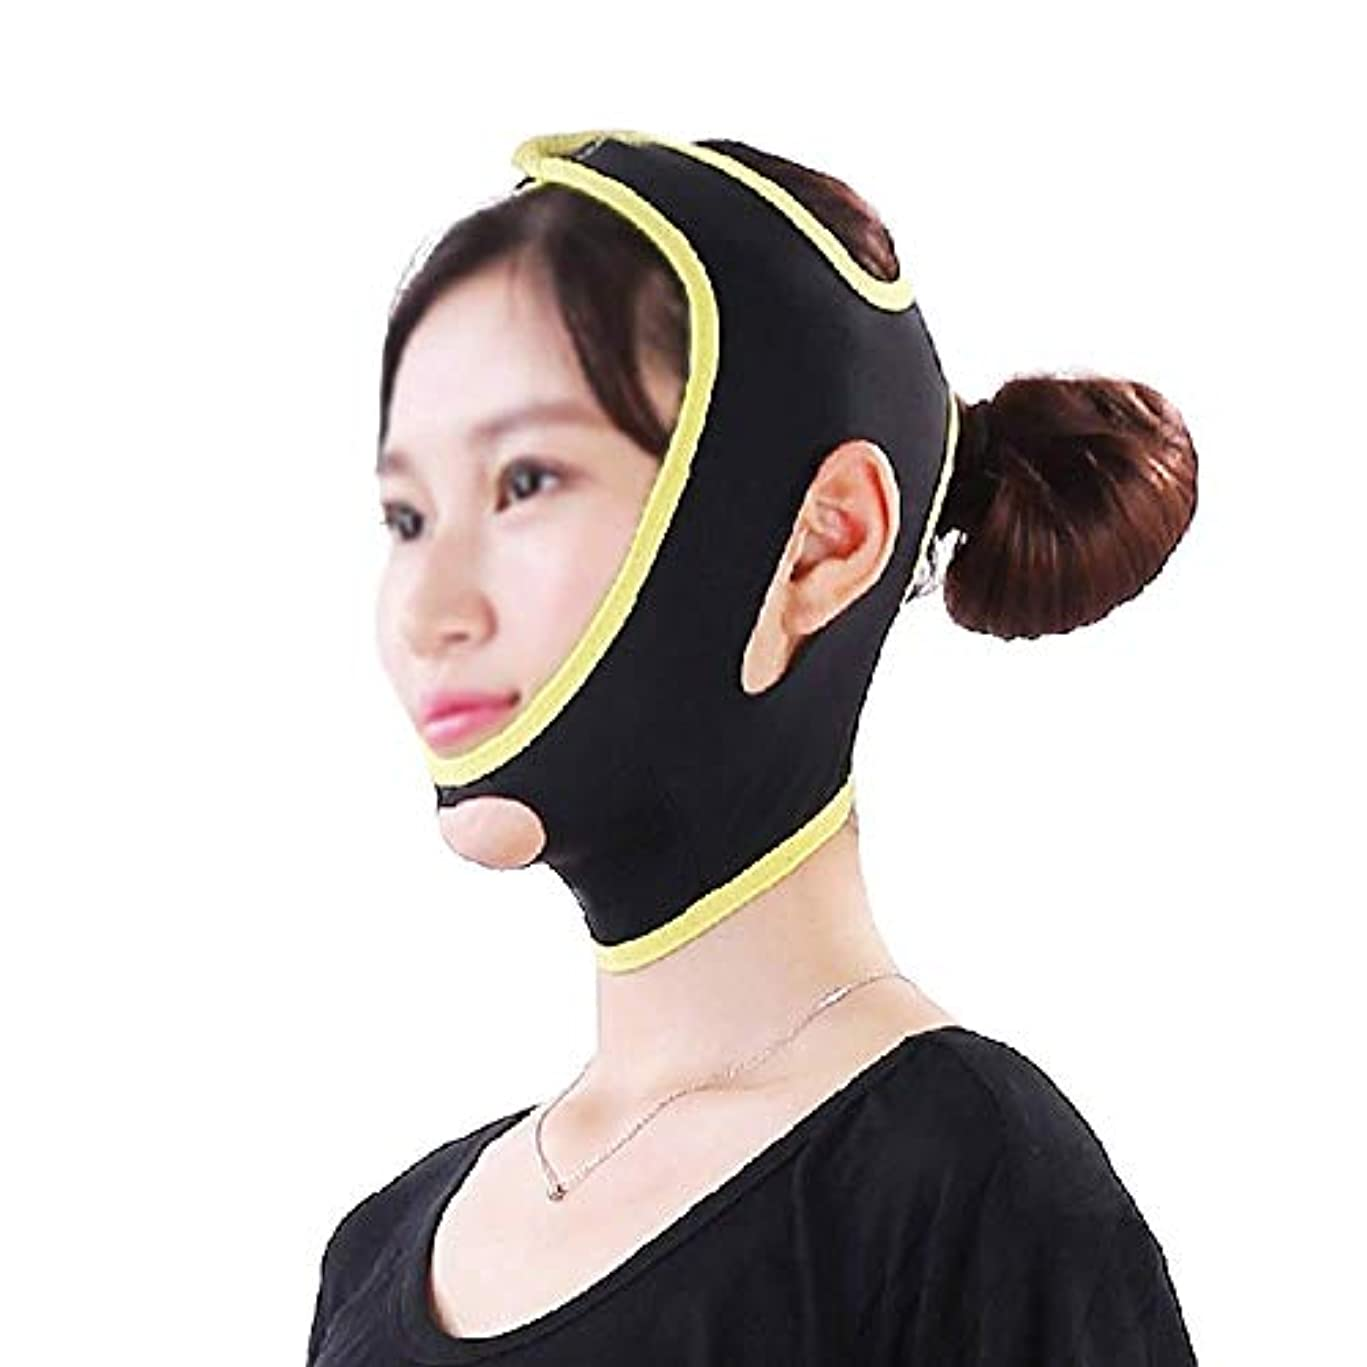 協定証言する用心フェイスアンドネックリフト、Vフェイスマスクは顔の輪郭を強化して、顎の超弾性包帯を引き締める咬筋を緩和します(サイズ:M)